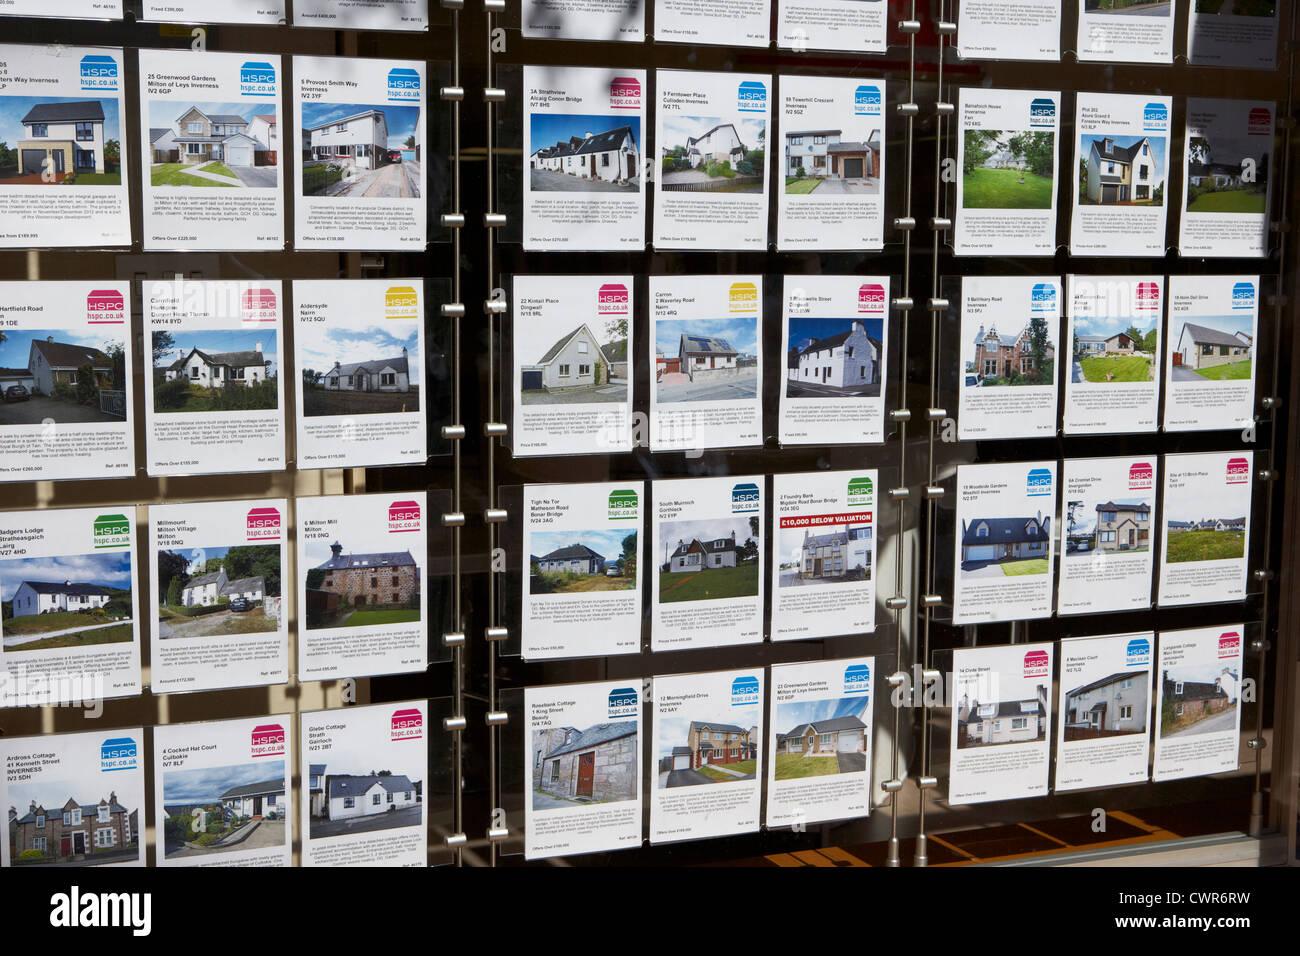 Immobilien zum Verkauf im Fenster eine Immobilien Agentur Inverness Highland Schottland, Vereinigtes Königreich Stockbild